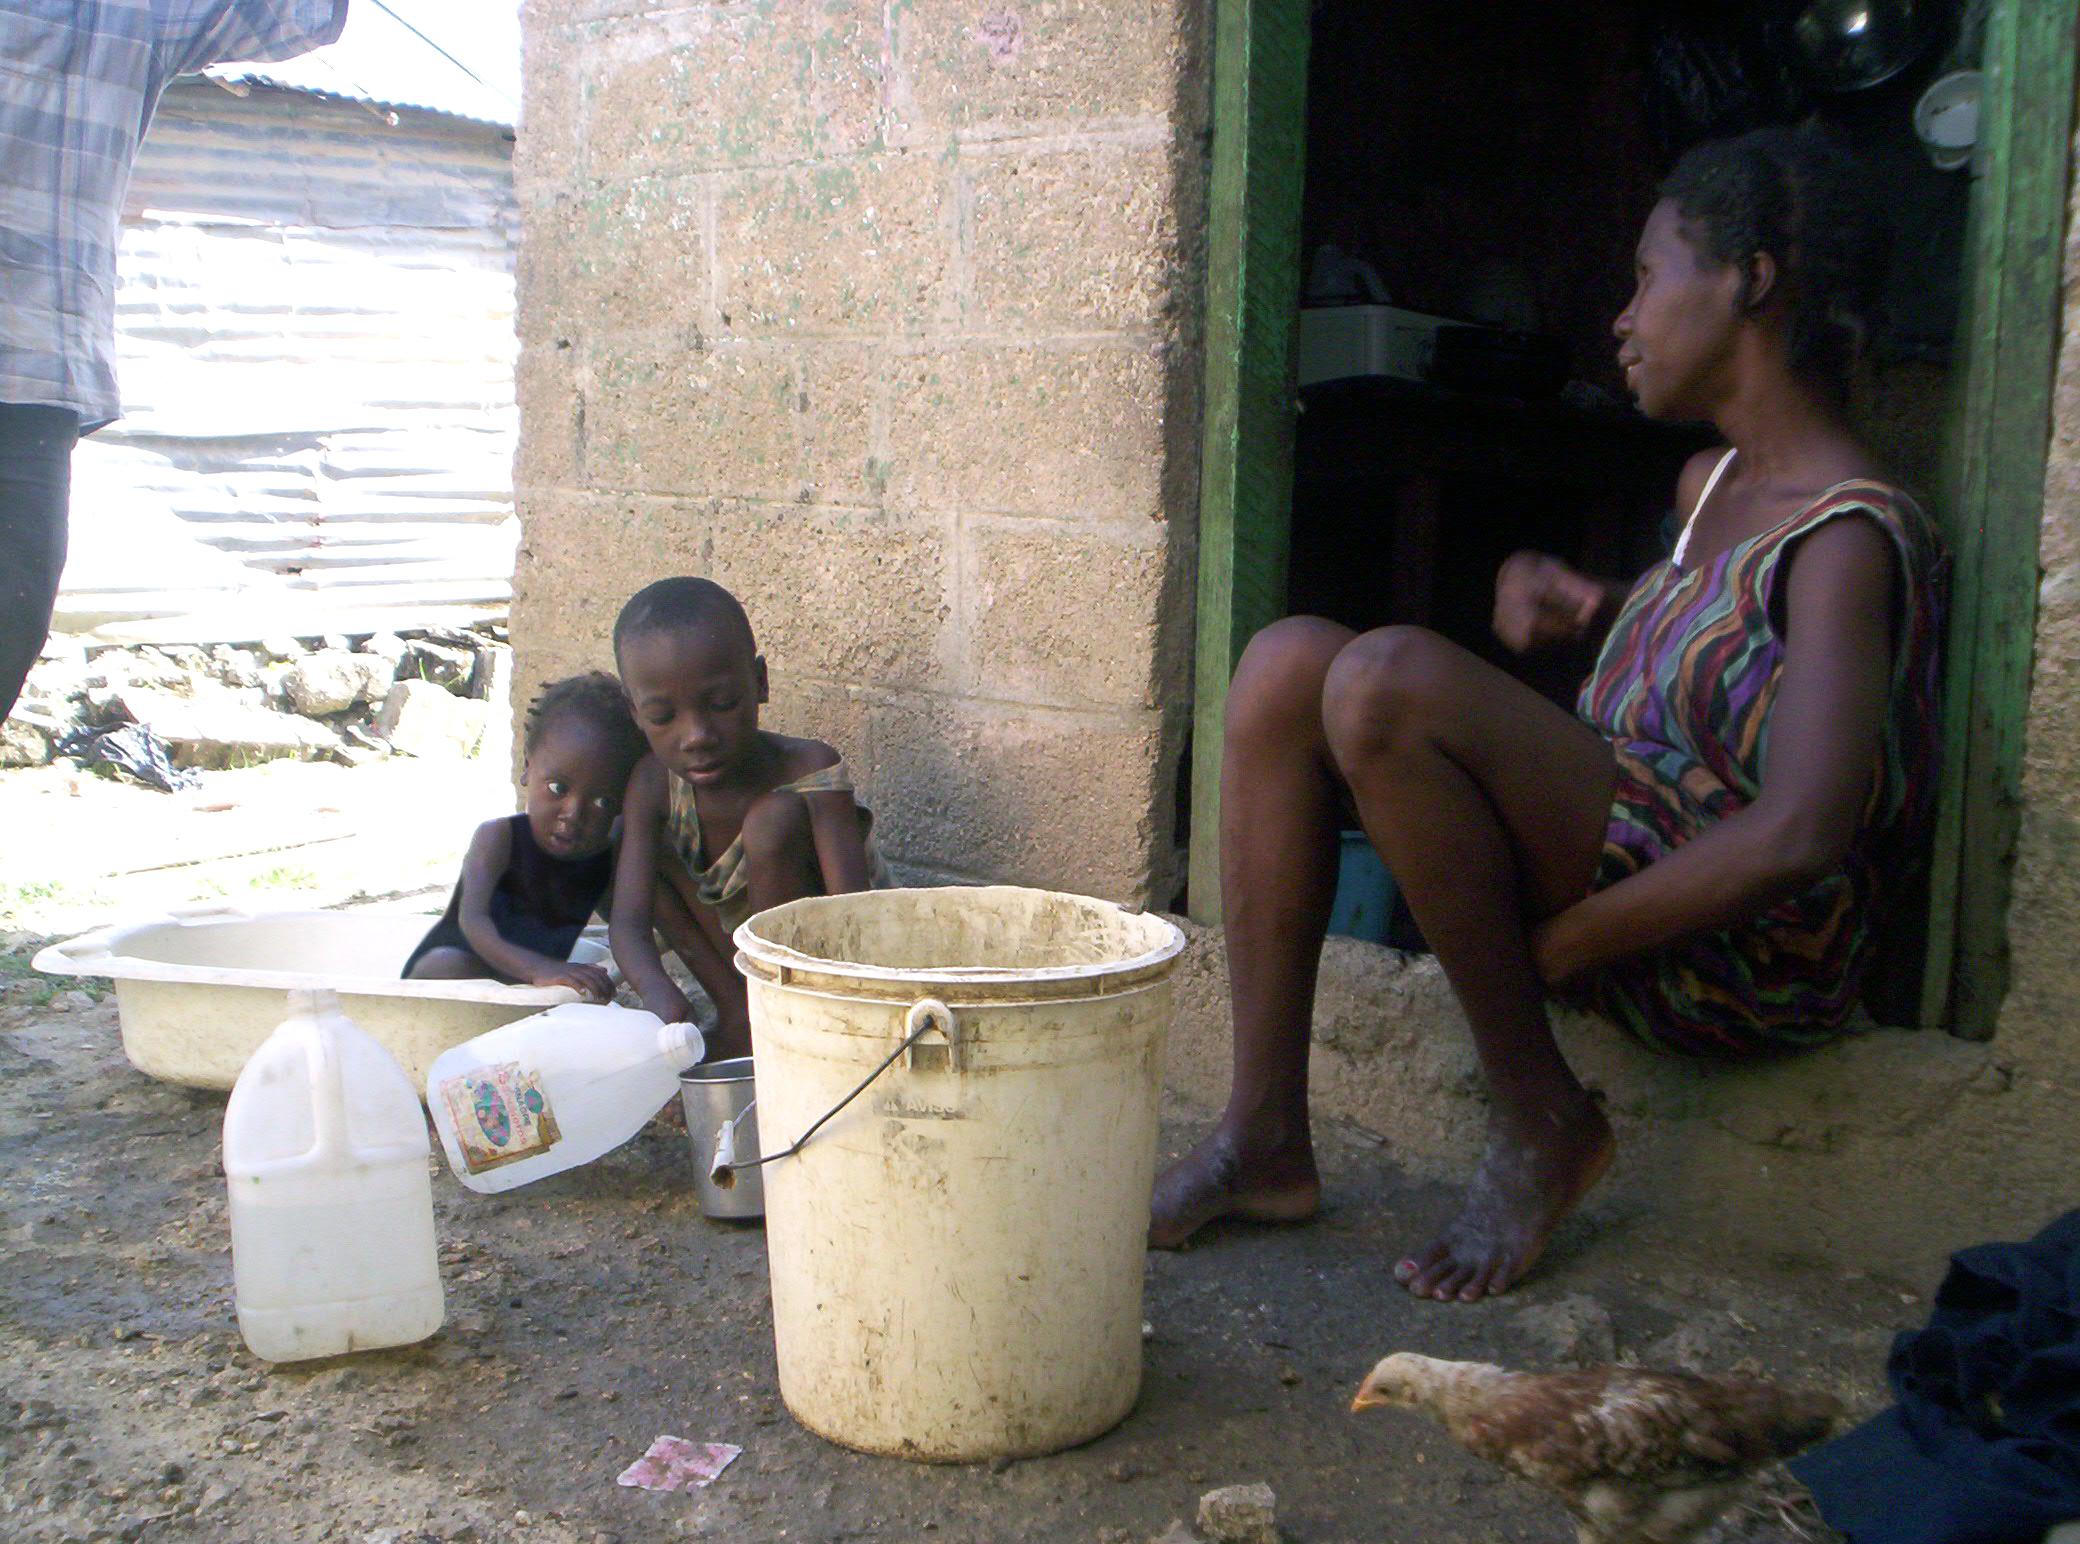 Pobreza infantil en América Latina - Niños empobrecidos en República Dominicana